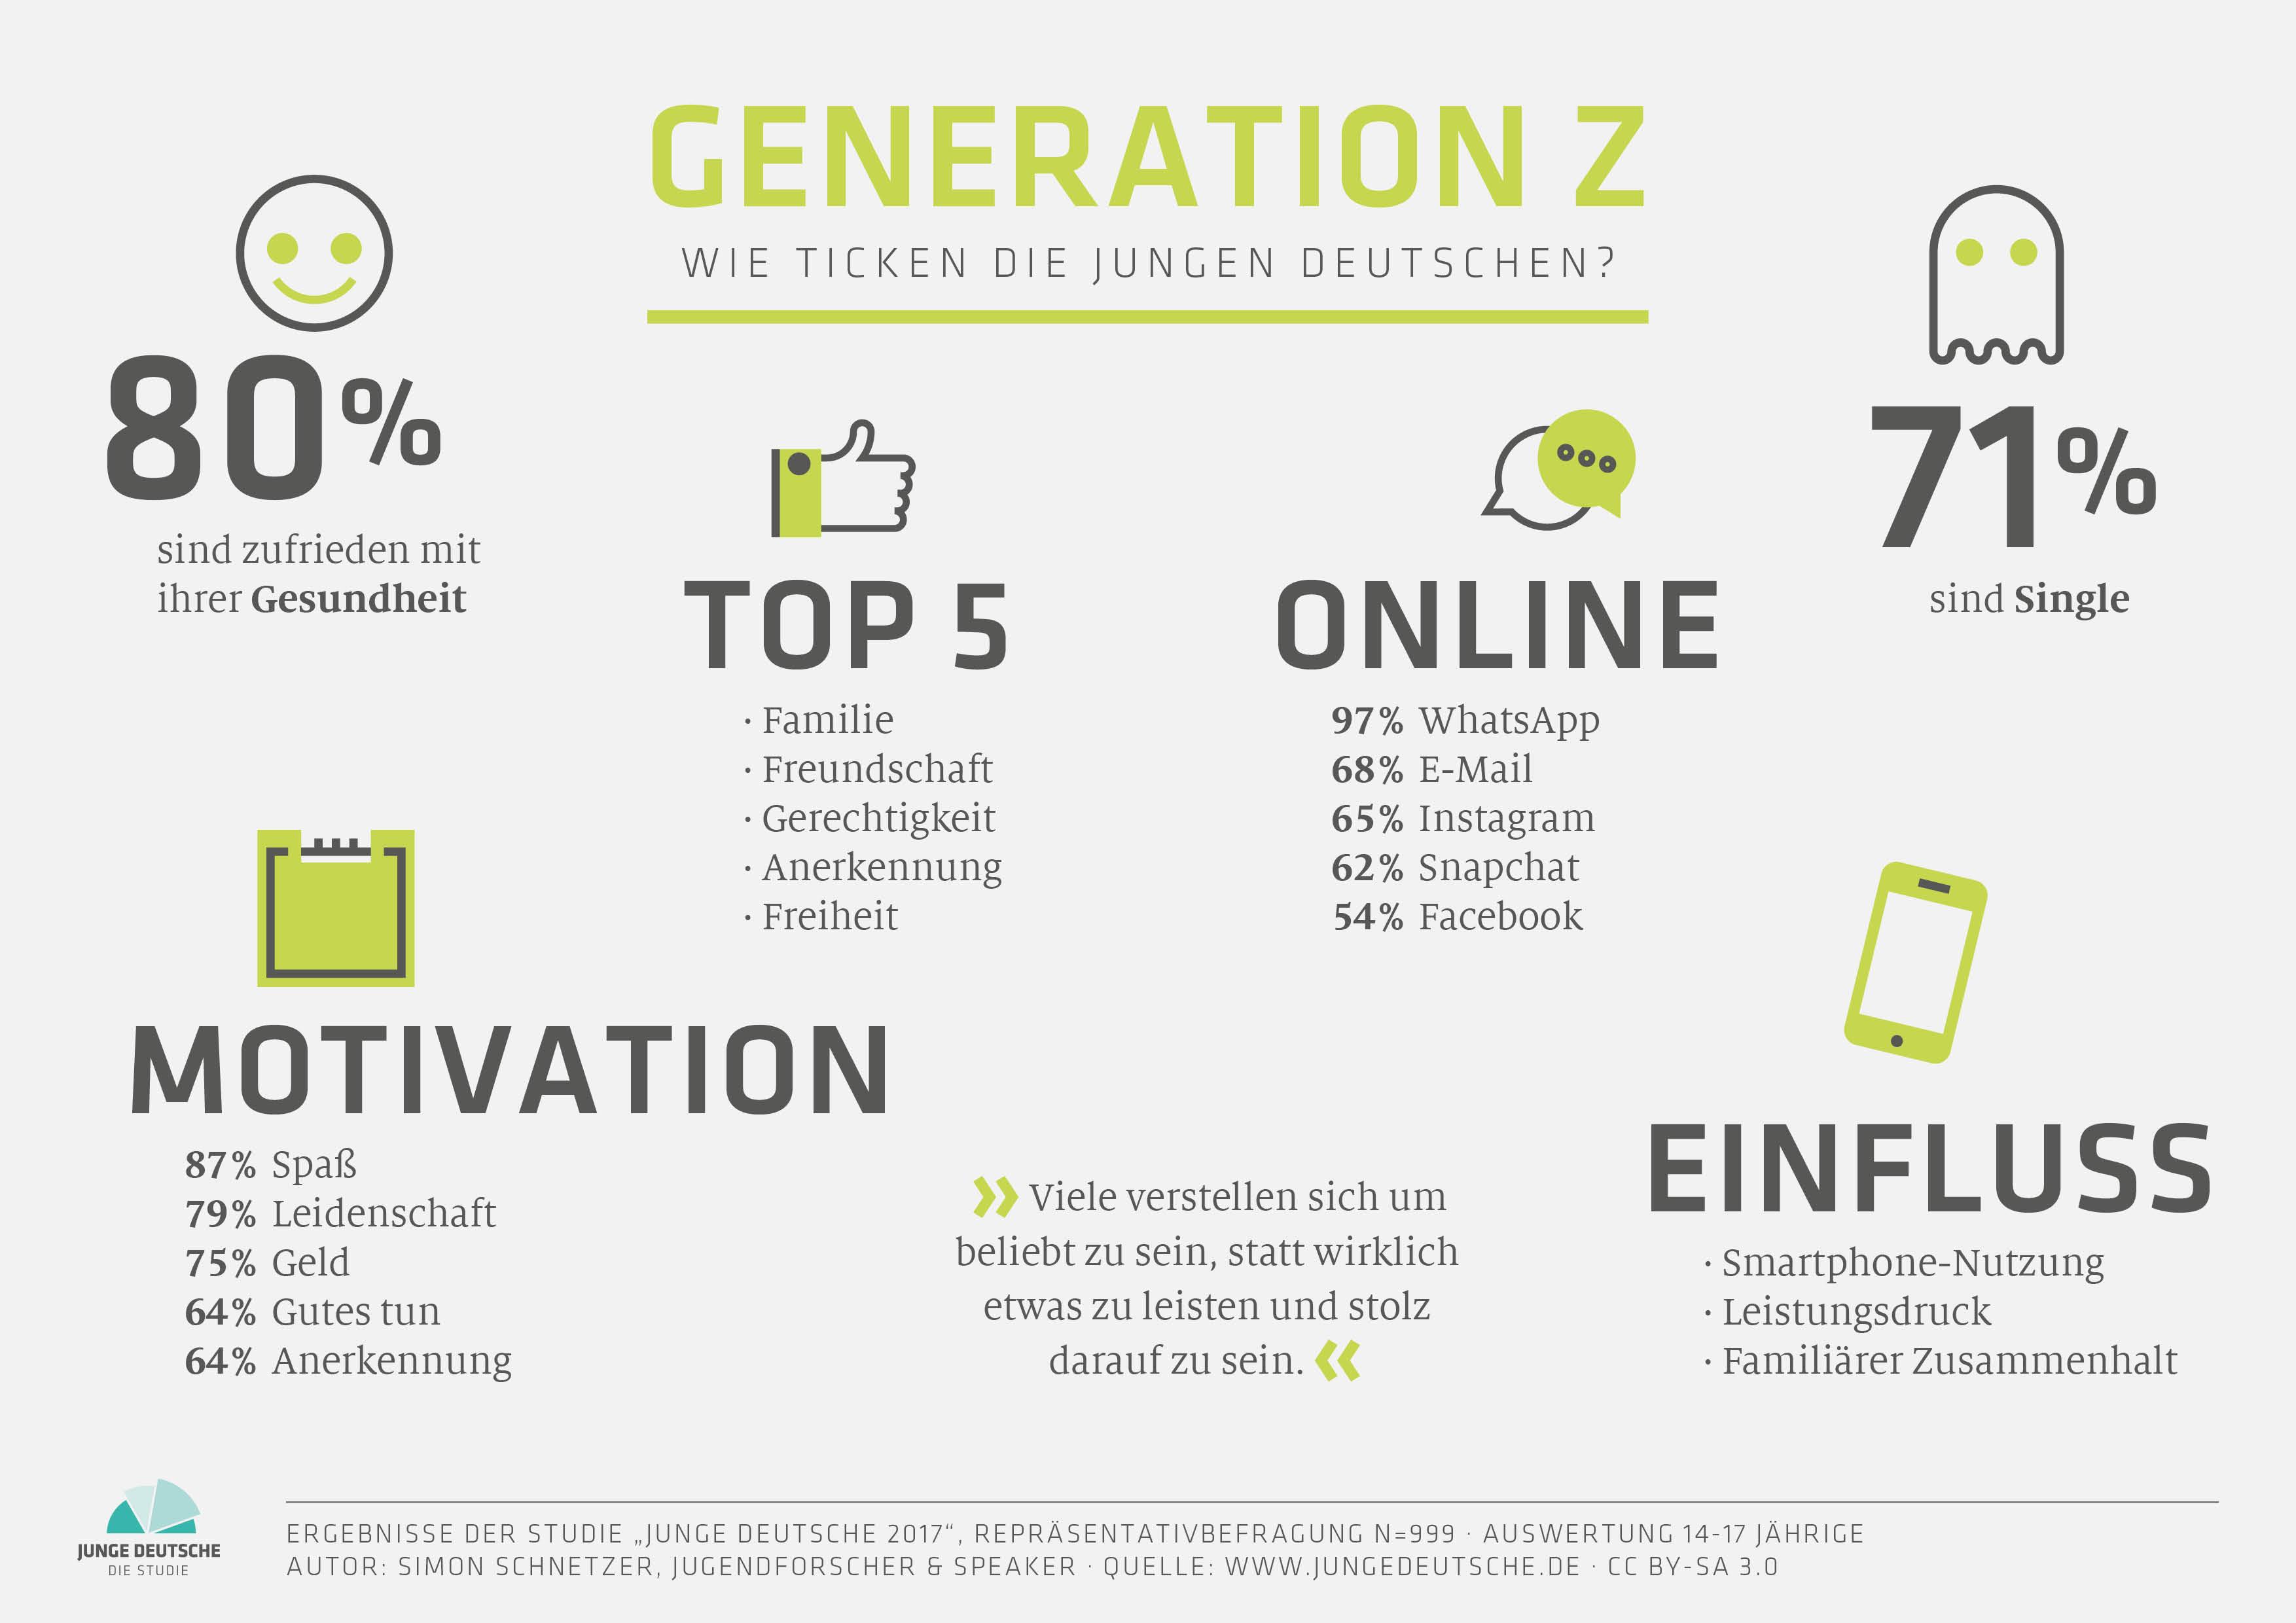 Junge Deutsche 2017 - Generation Z Special (von Simon Schnetzer)